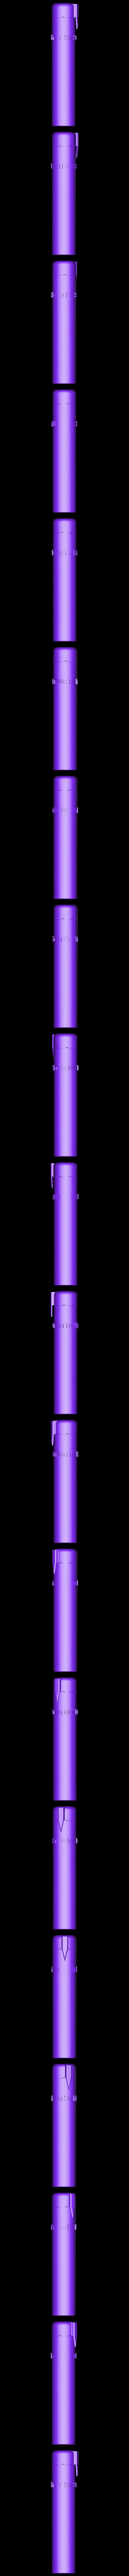 insulincap.stl Télécharger fichier STL gratuit capuchon de rappel d'insuline • Modèle pour impression 3D, rubenzilzer